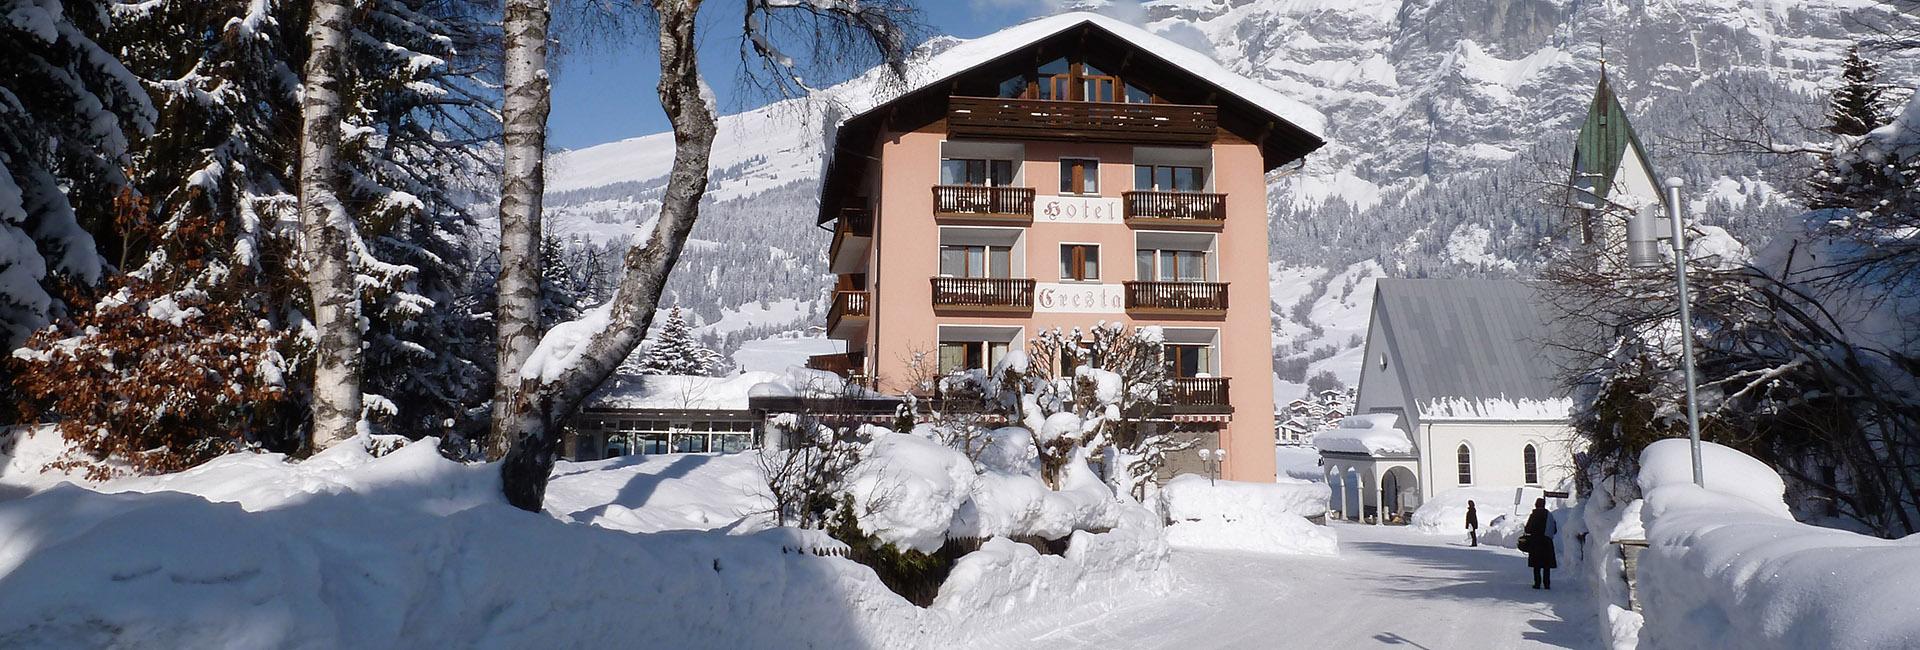 Aussenansicht des Flimser Hotel Cresta in Flims